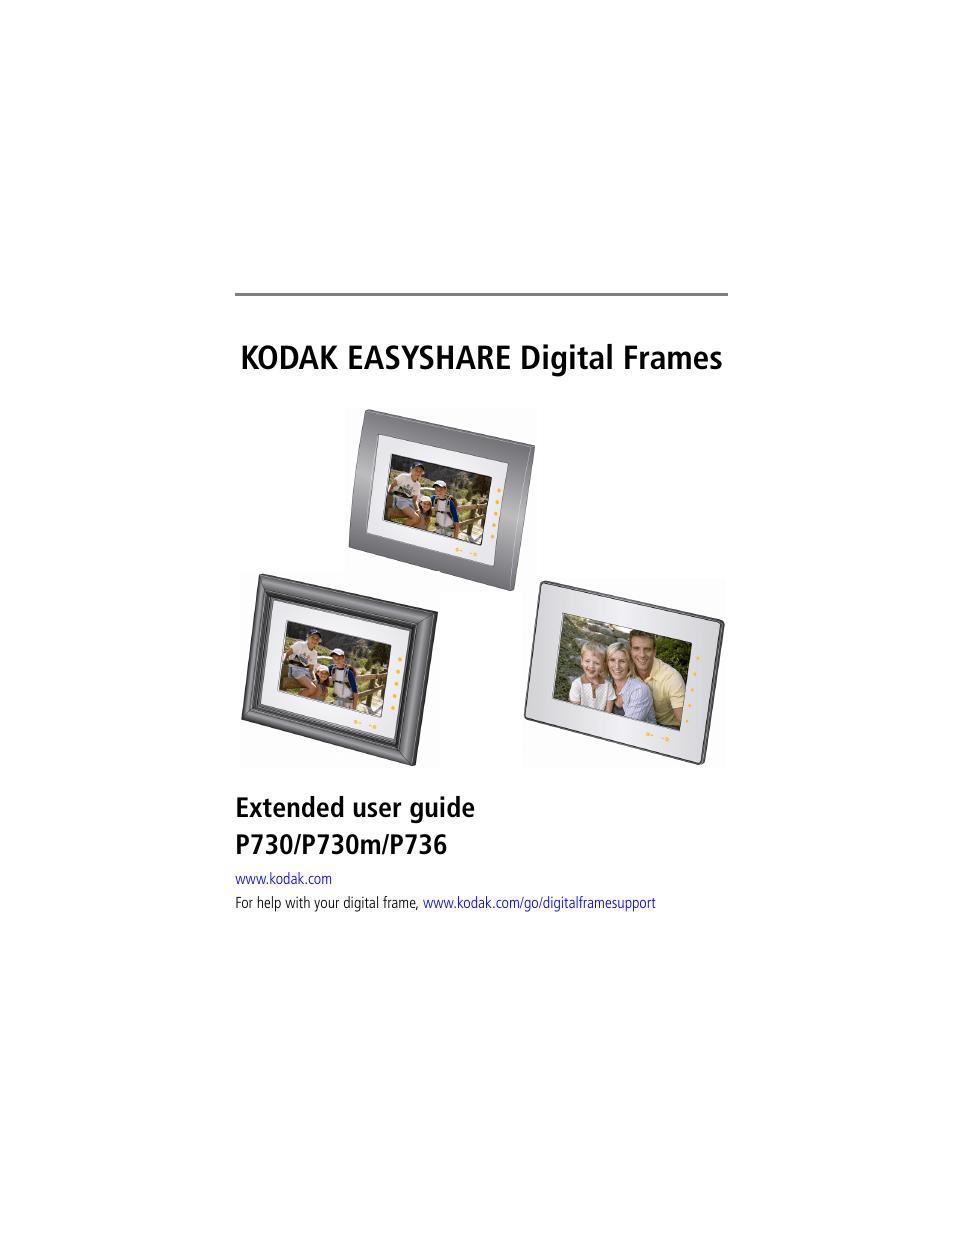 KODAK EASYSHARE P730 MANUAL PDF